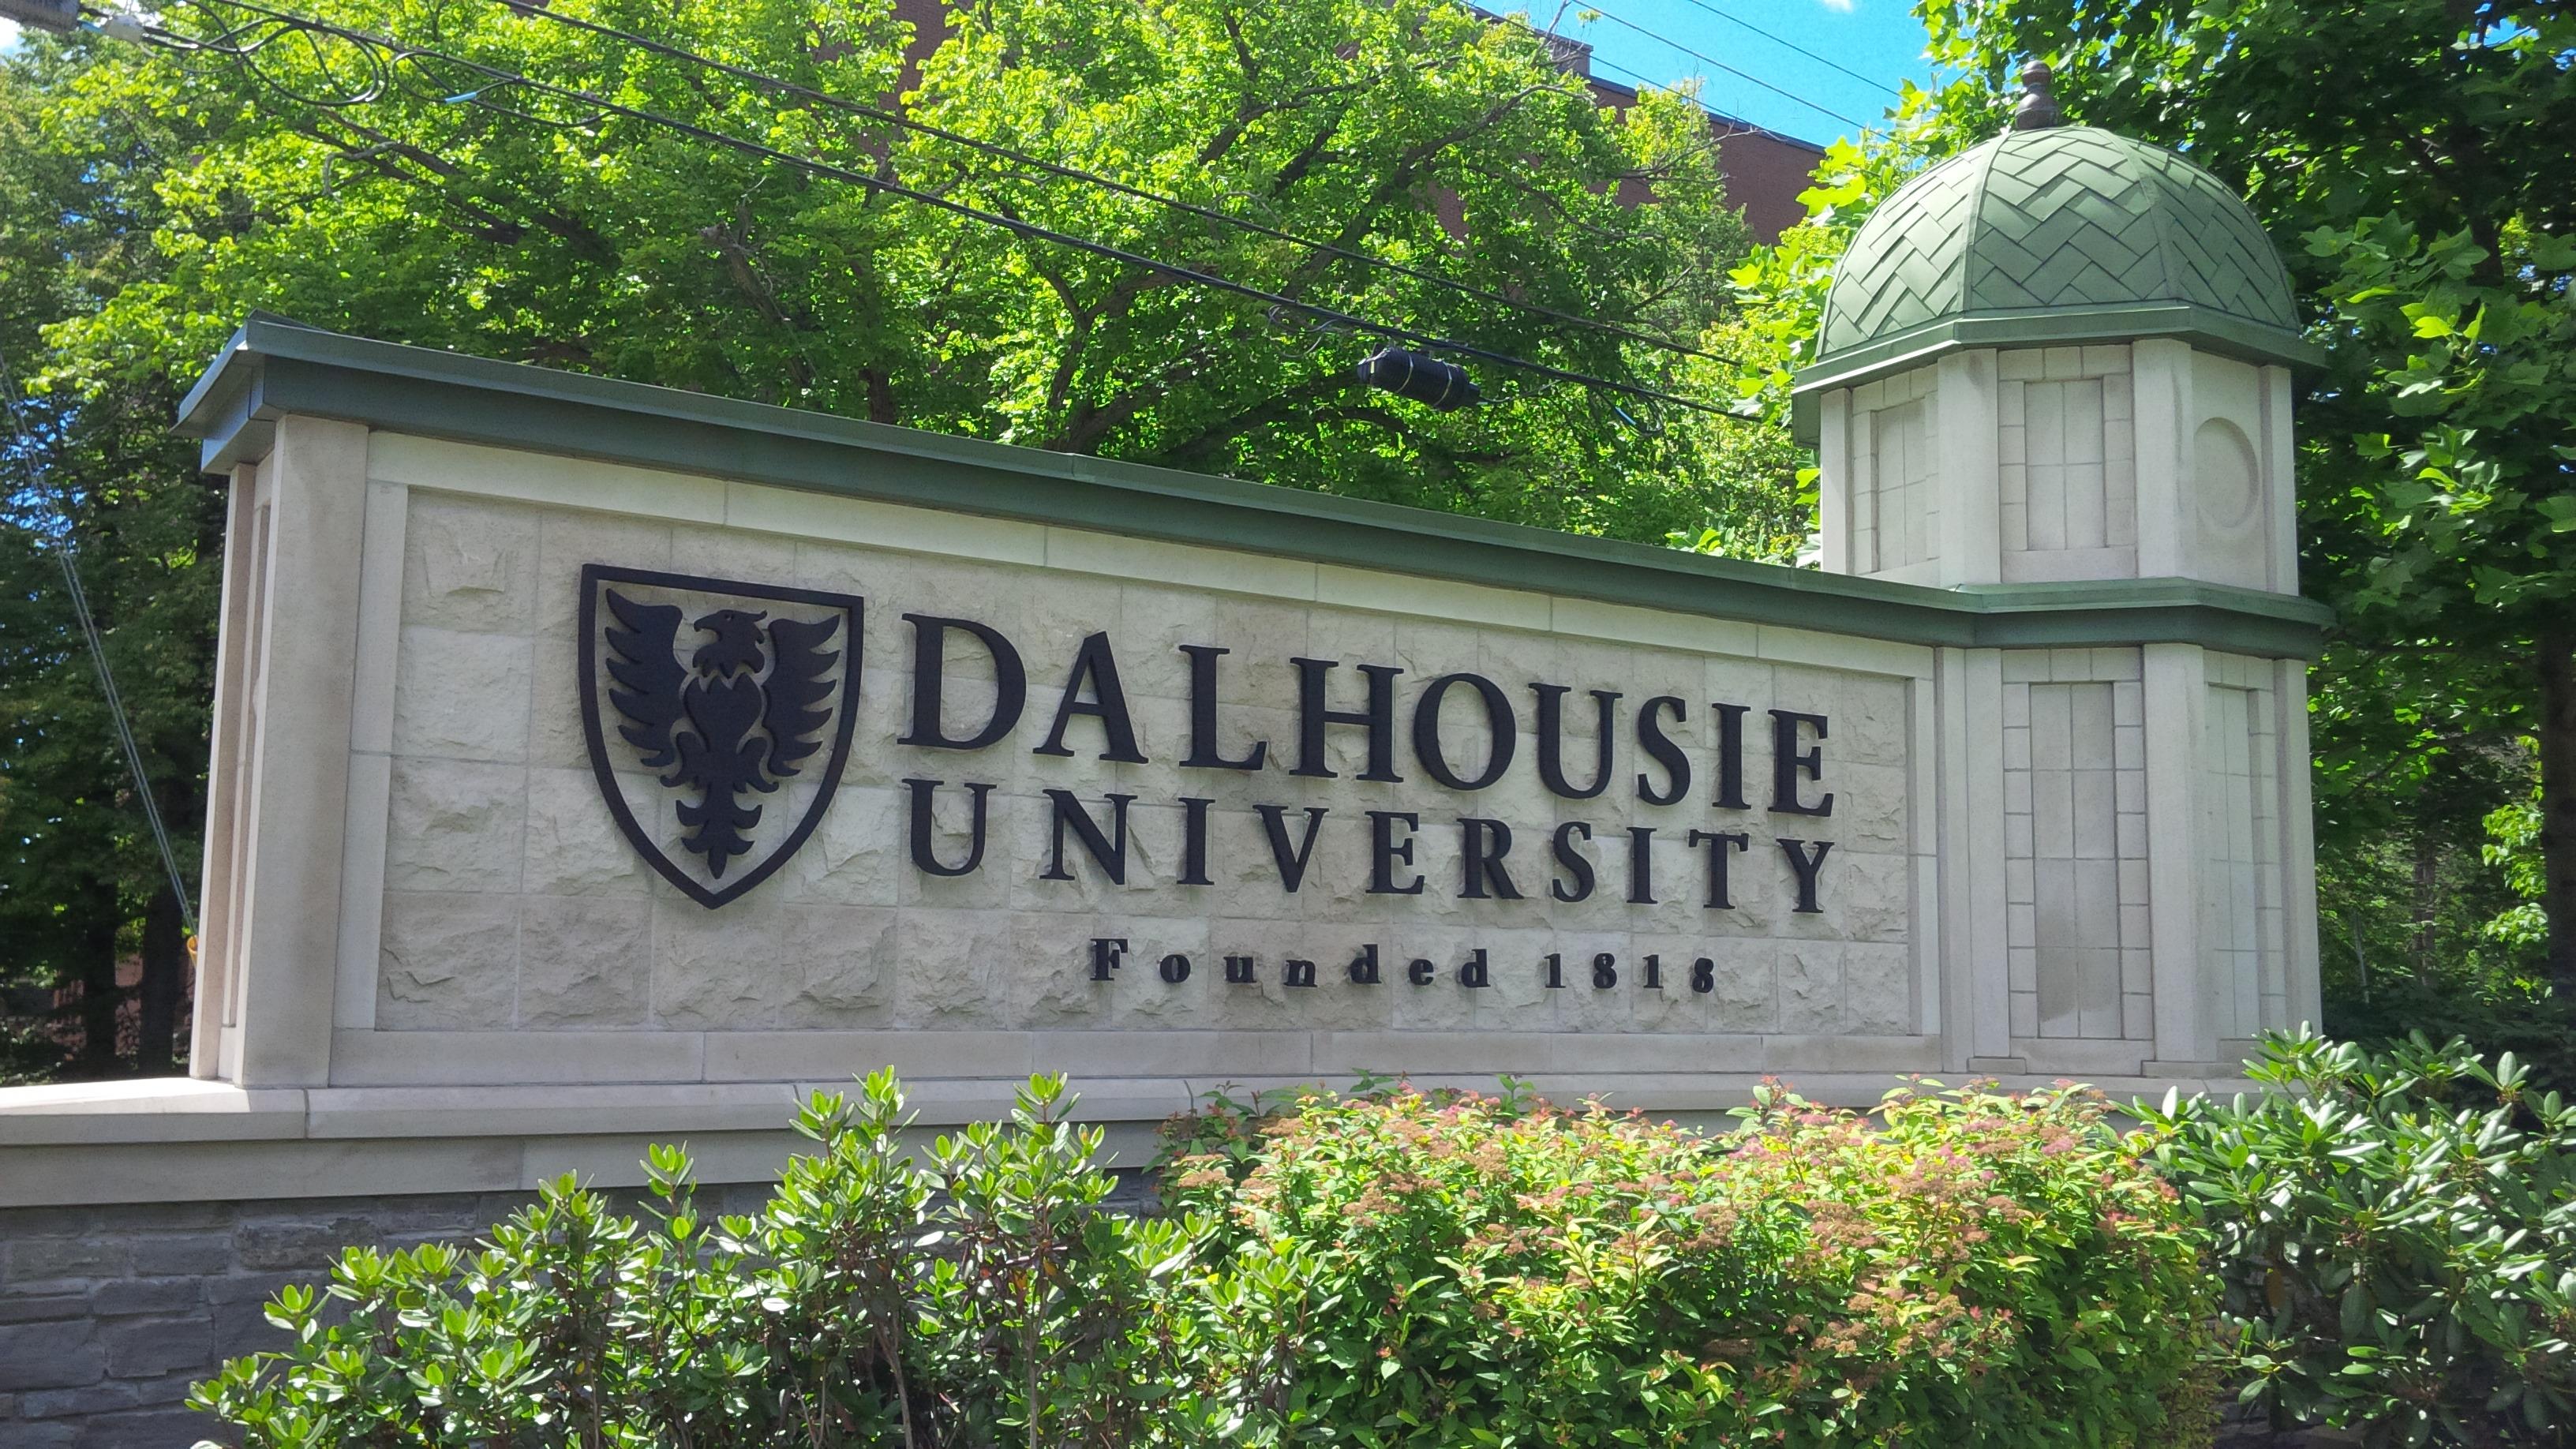 Dalhousie sign